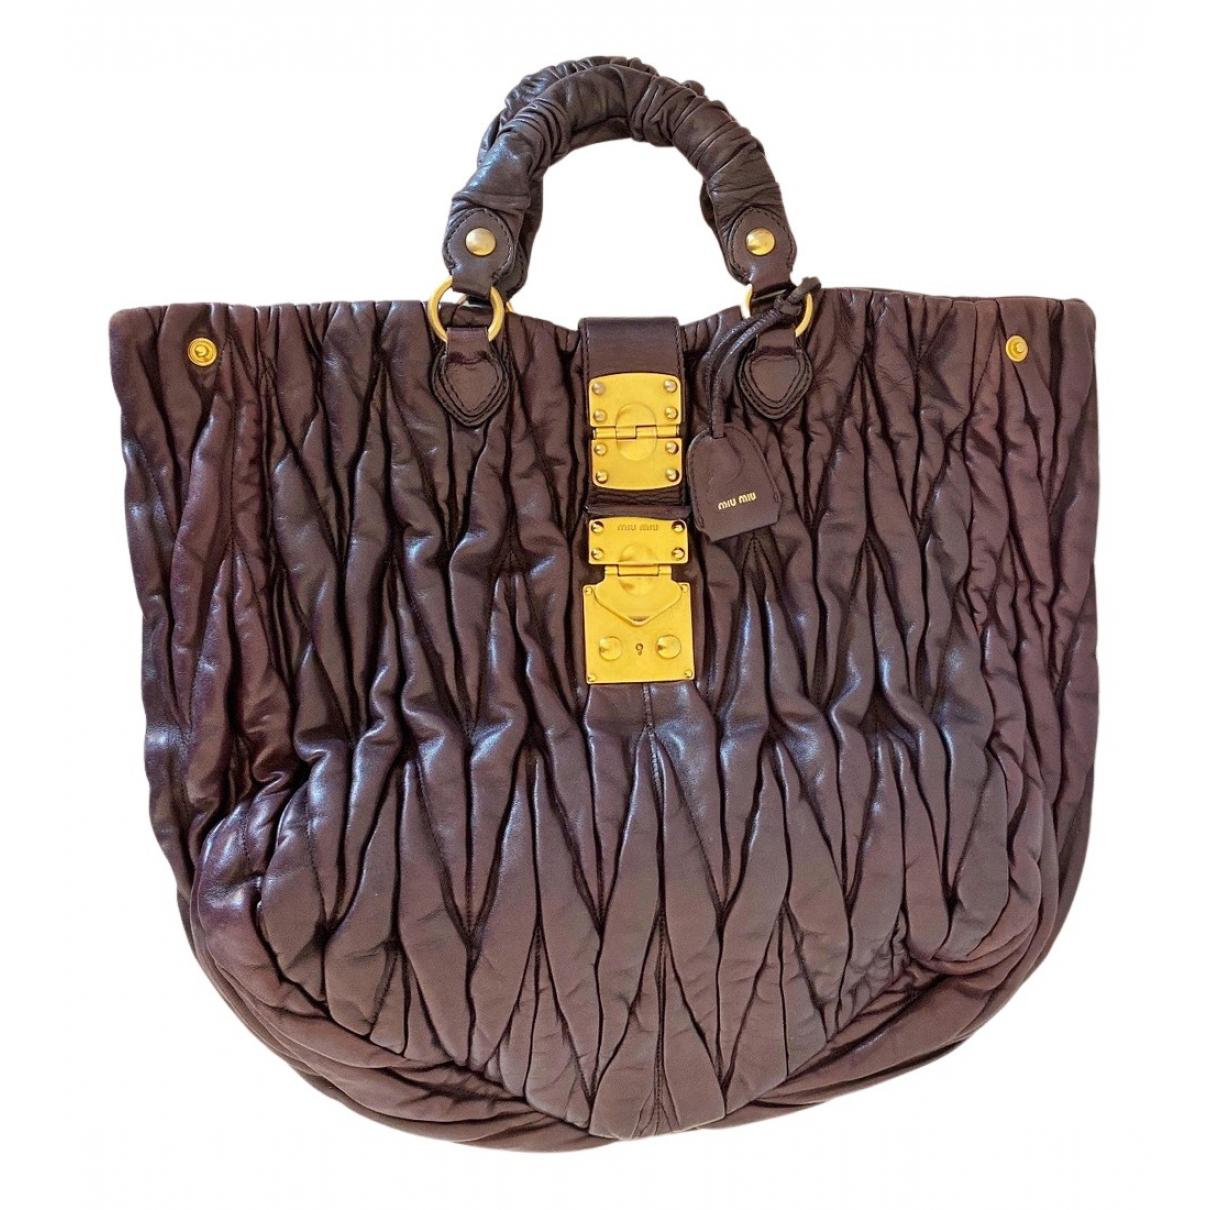 Miu Miu Matelassé Brown Leather handbag for Women N